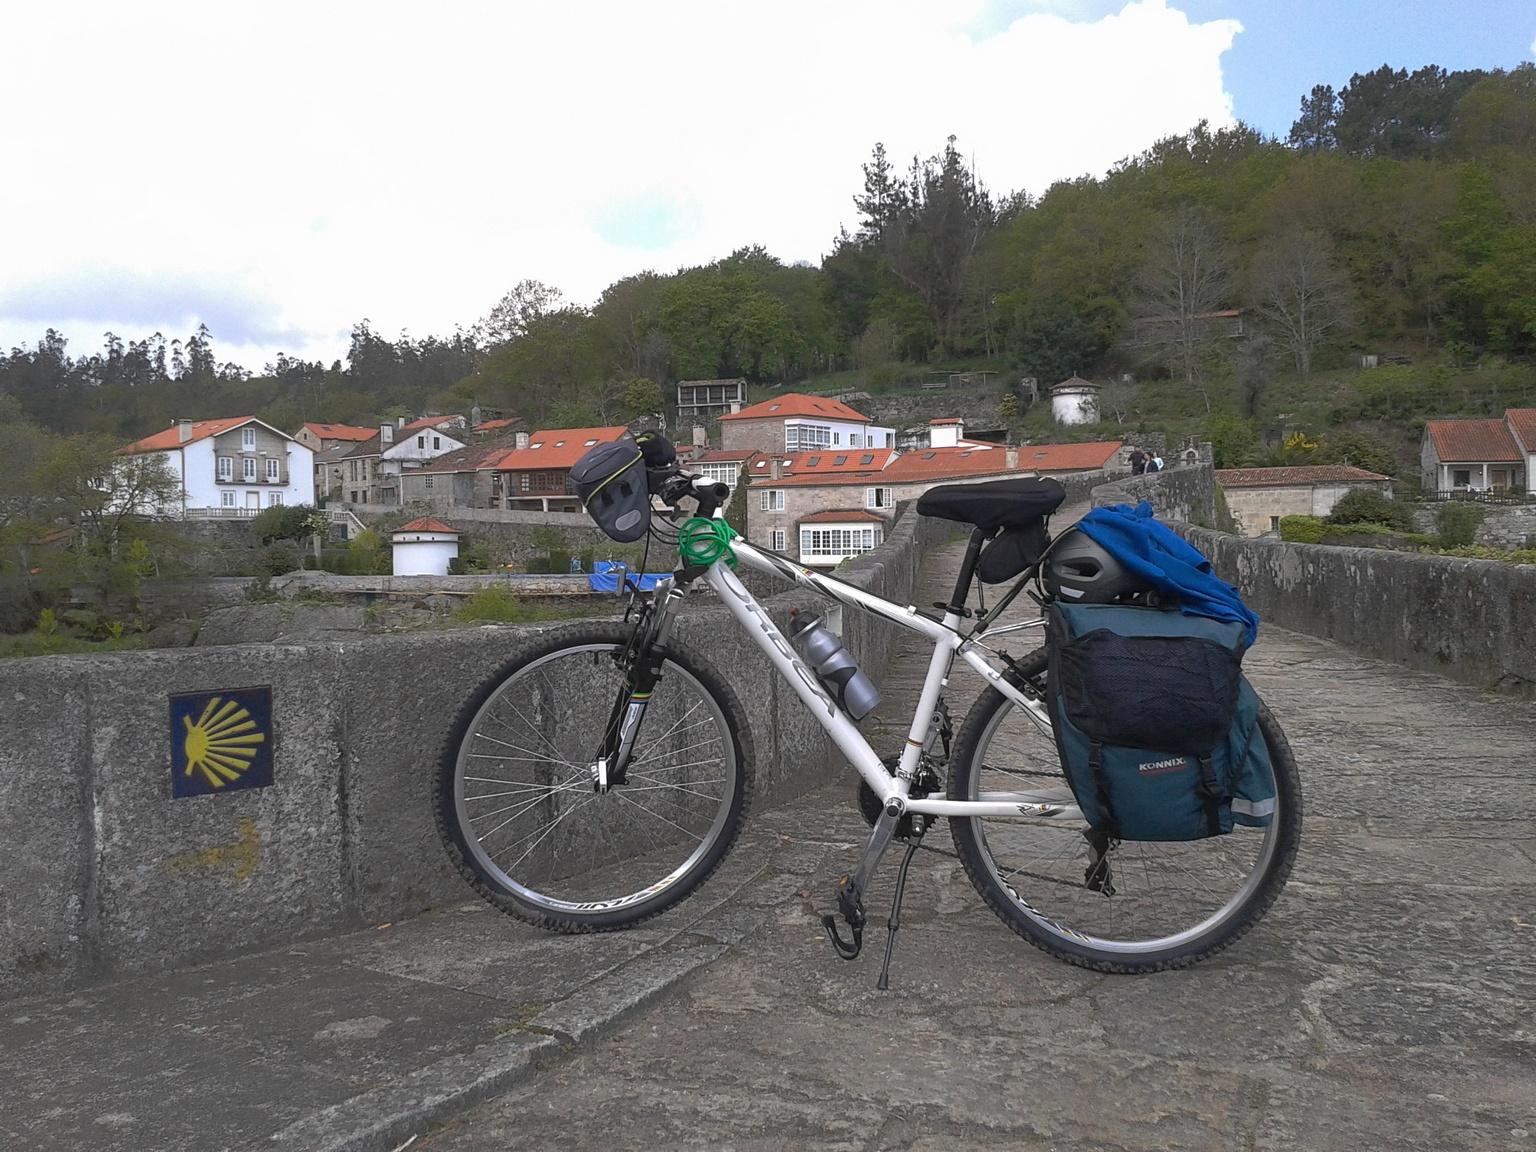 Fietsvakantie Spanje - Camino de Santiago in Léon (Castilla y Léon, Spanje)